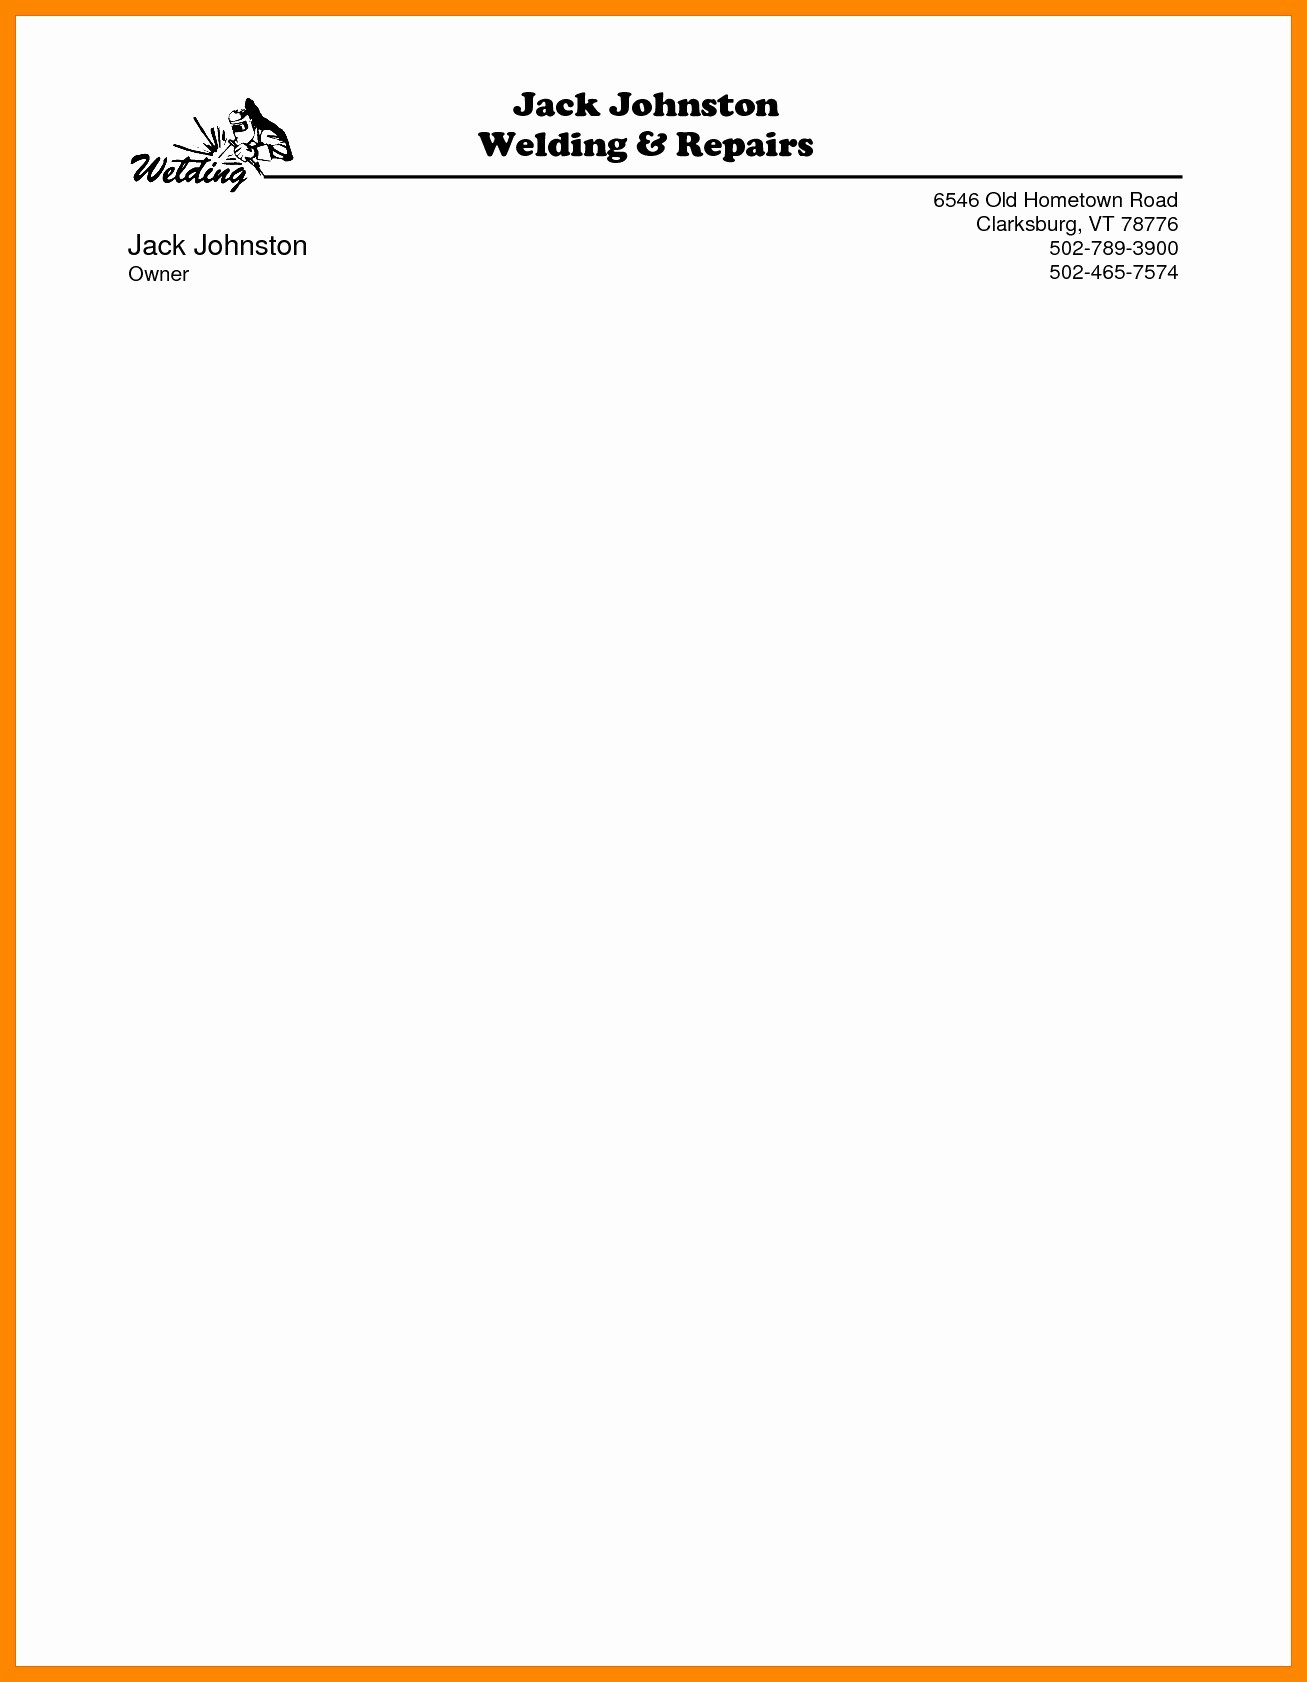 Sample Business Letterhead with Logo Elegant Letterhead Design Samples In Word New Letterhead Design